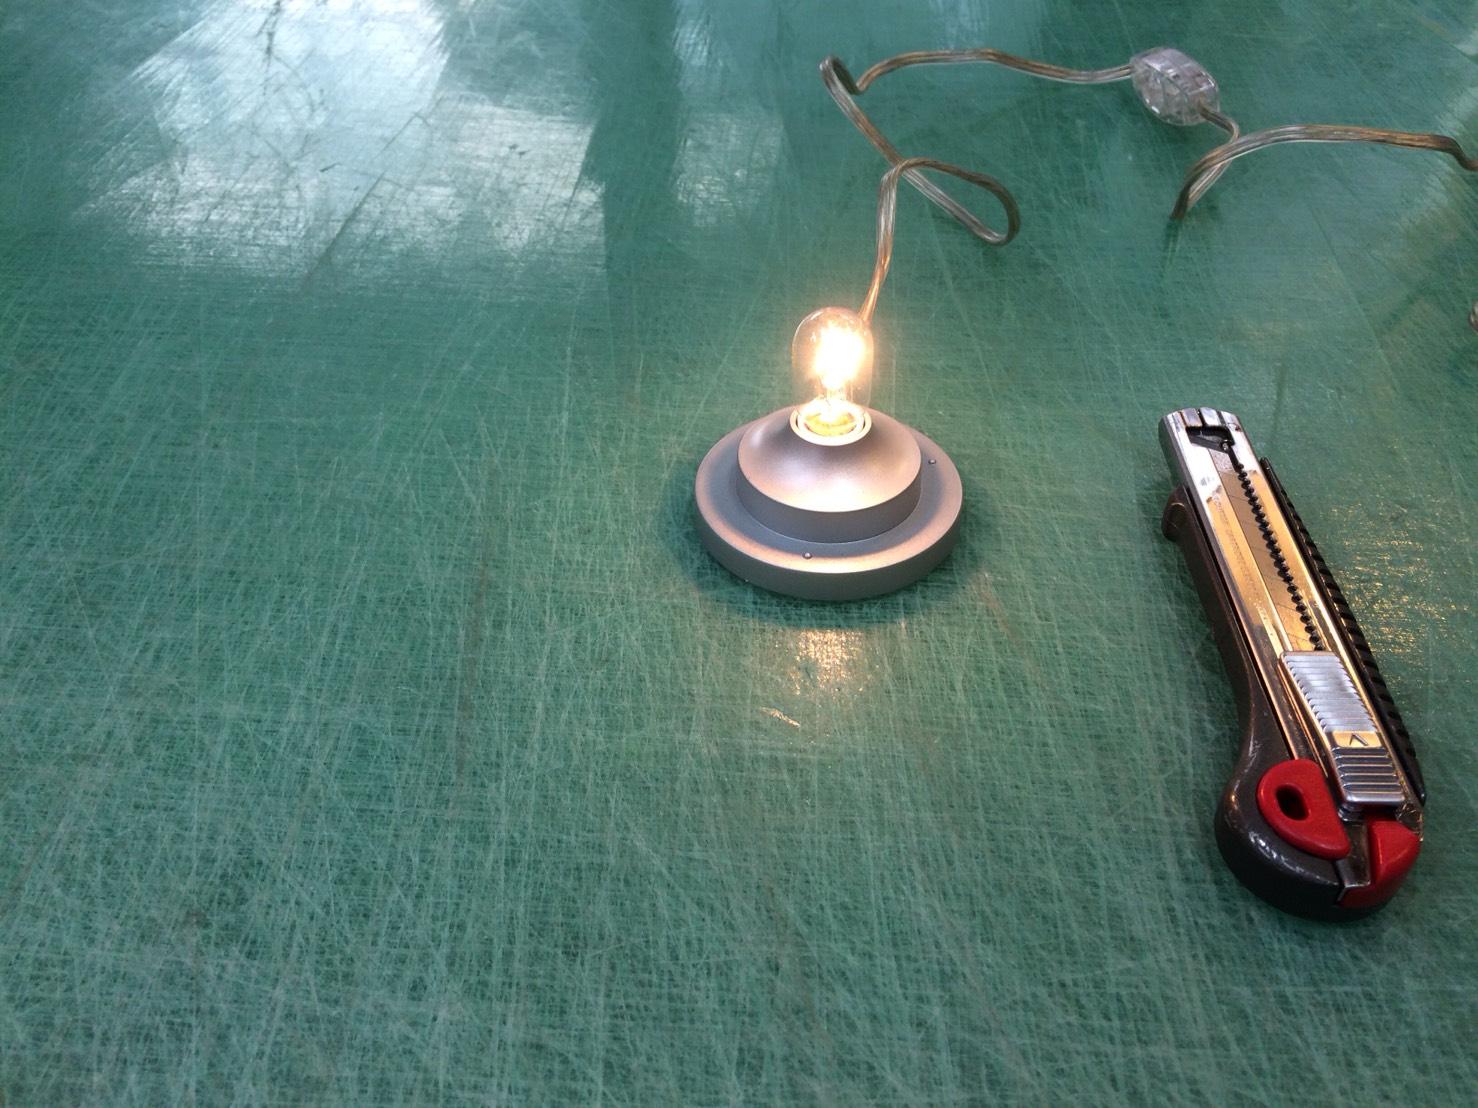 ワークショップ用ランプシェード